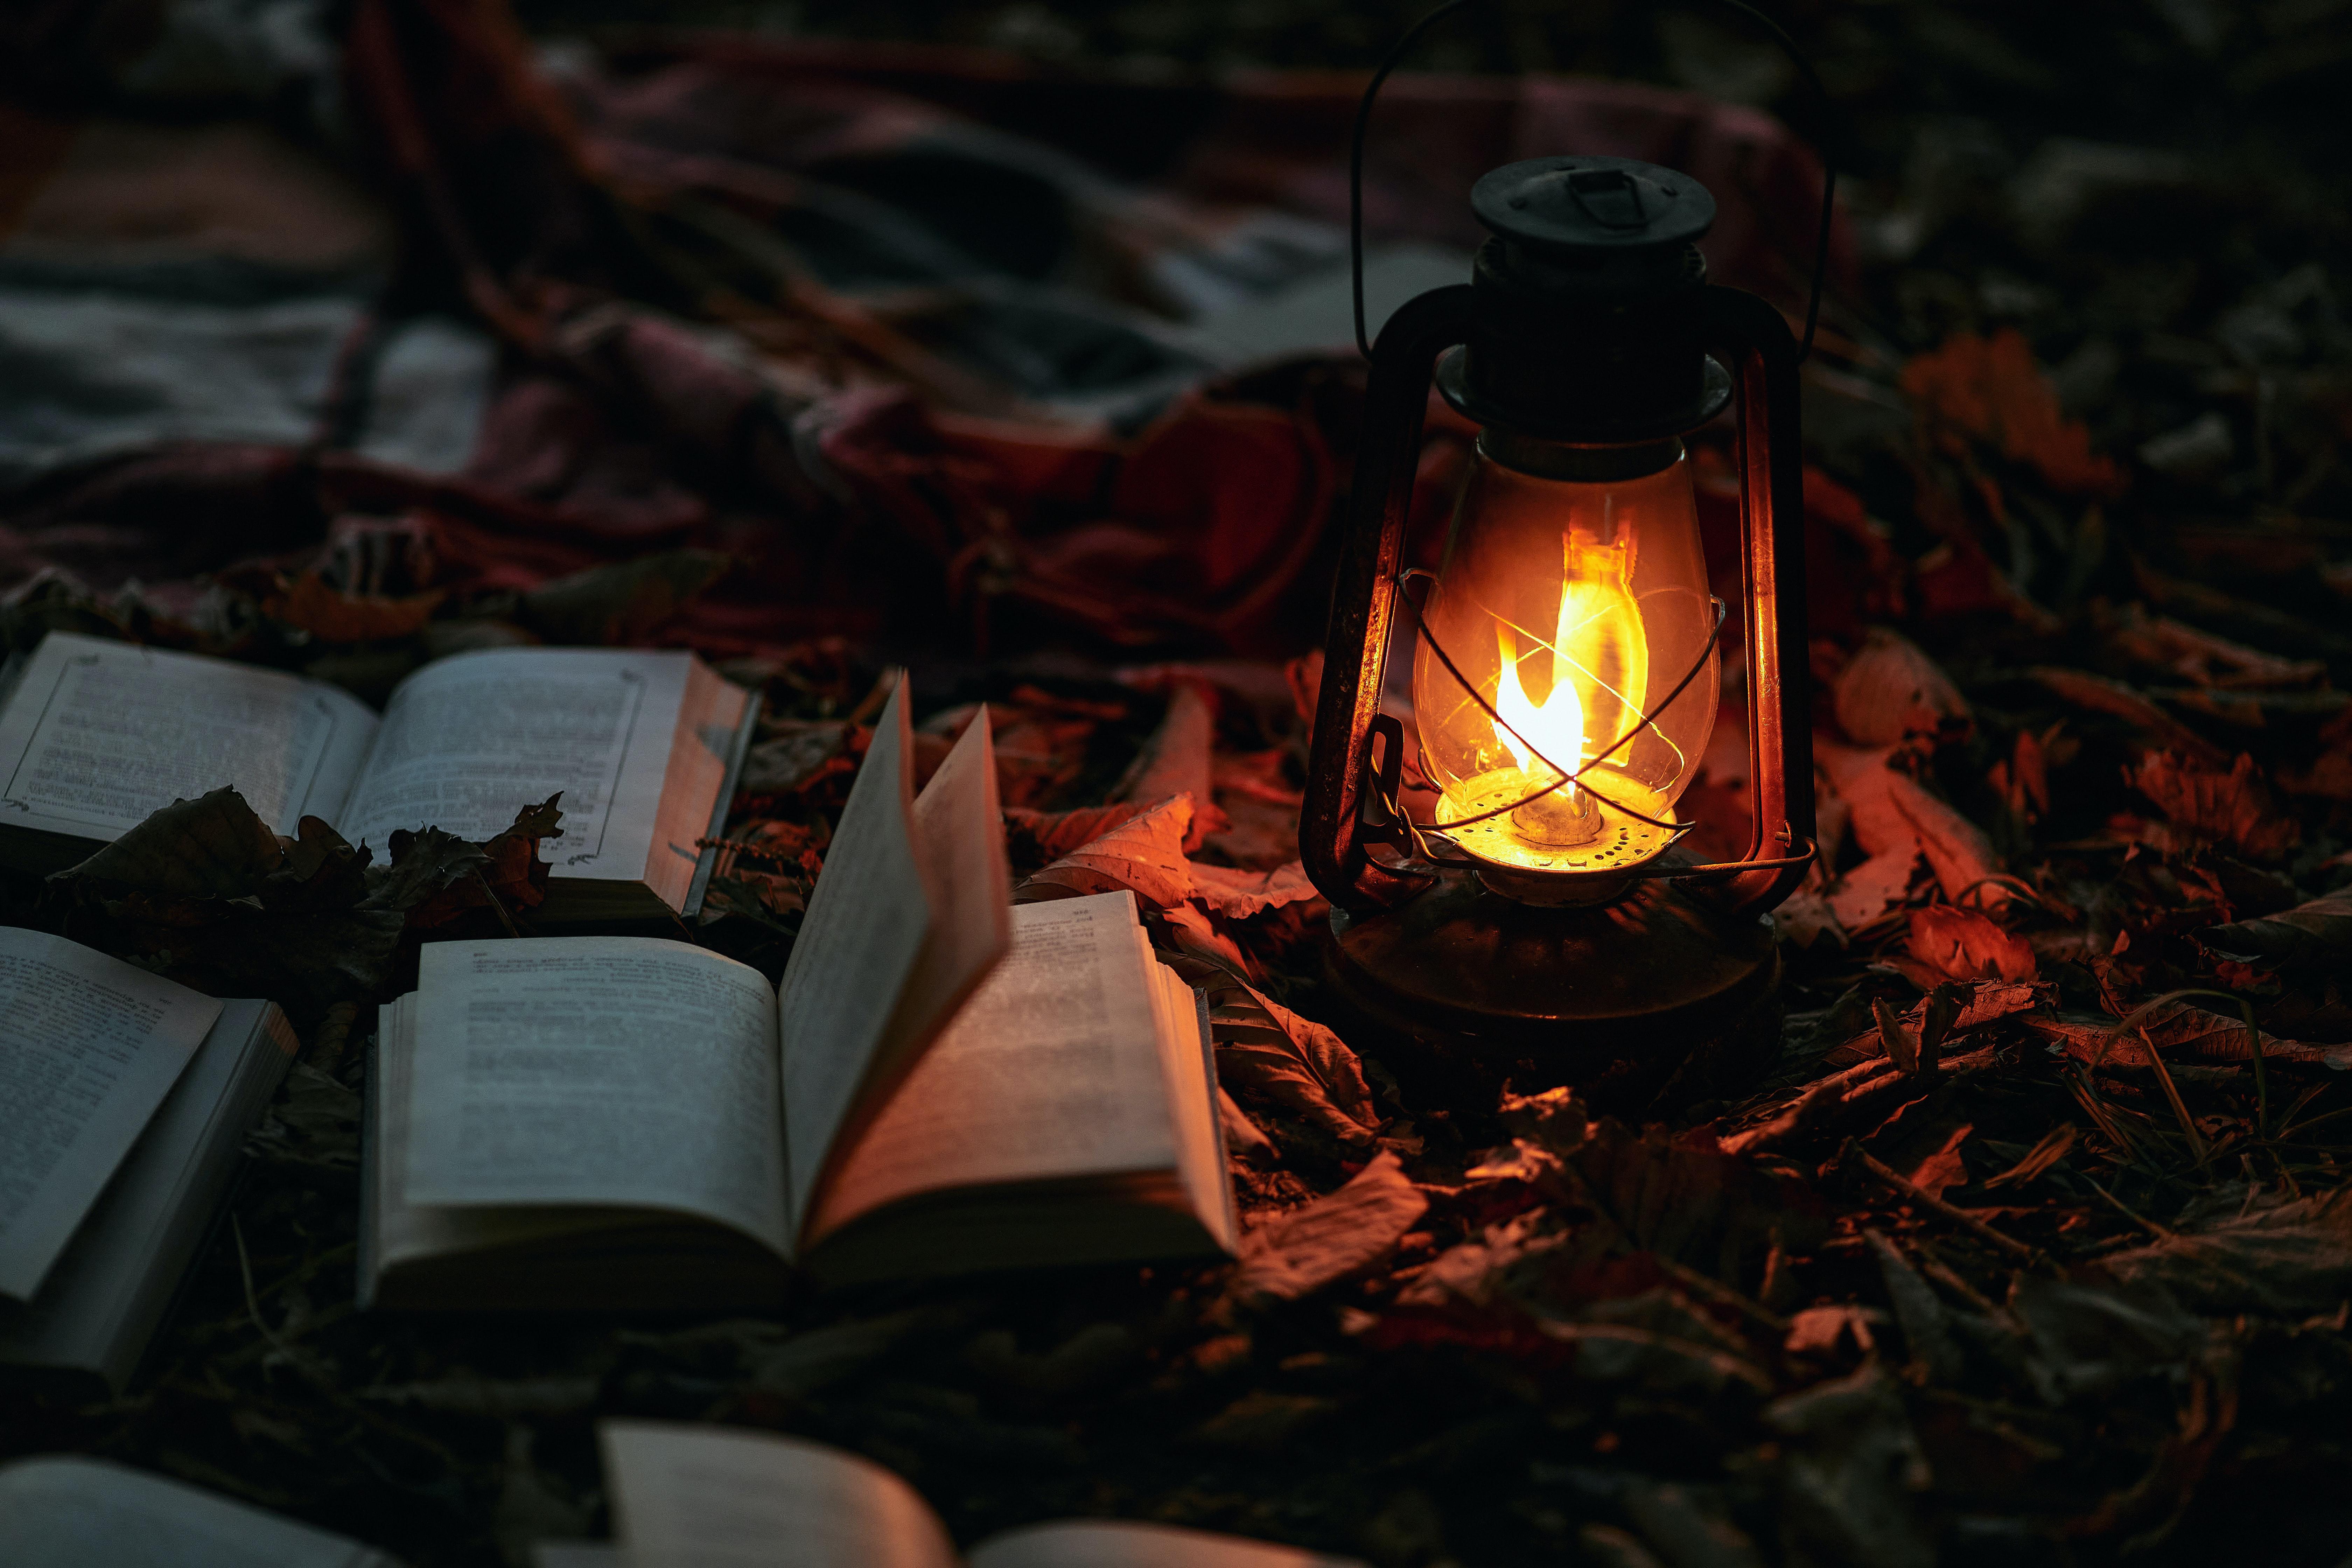 95038 скачать обои Разное, Лампа, Книги, Огонь, Свет, Освещение - заставки и картинки бесплатно